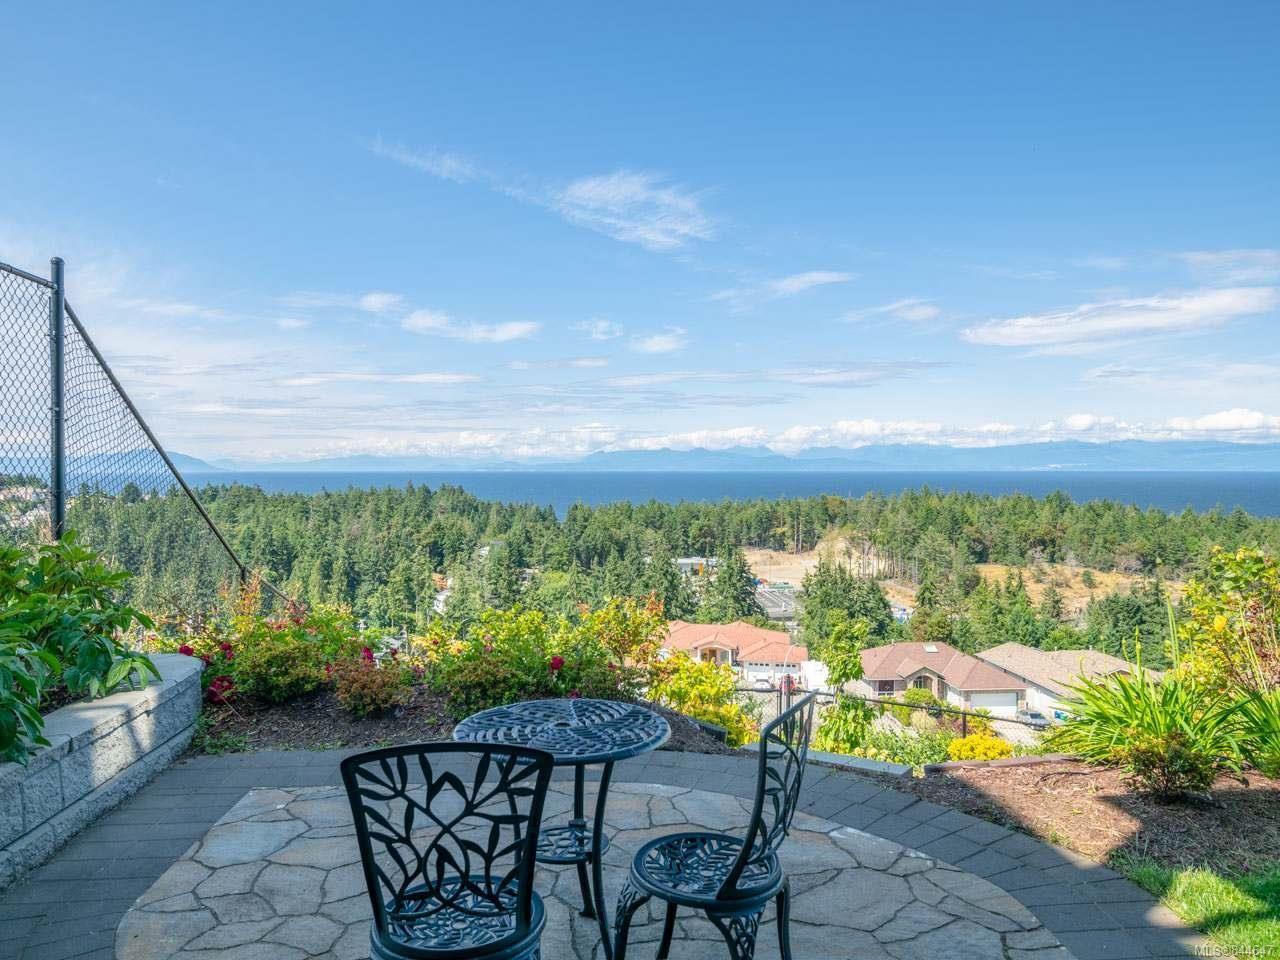 Photo 4: Photos: 4576 Laguna Way in NANAIMO: Na North Nanaimo House for sale (Nanaimo)  : MLS®# 844647